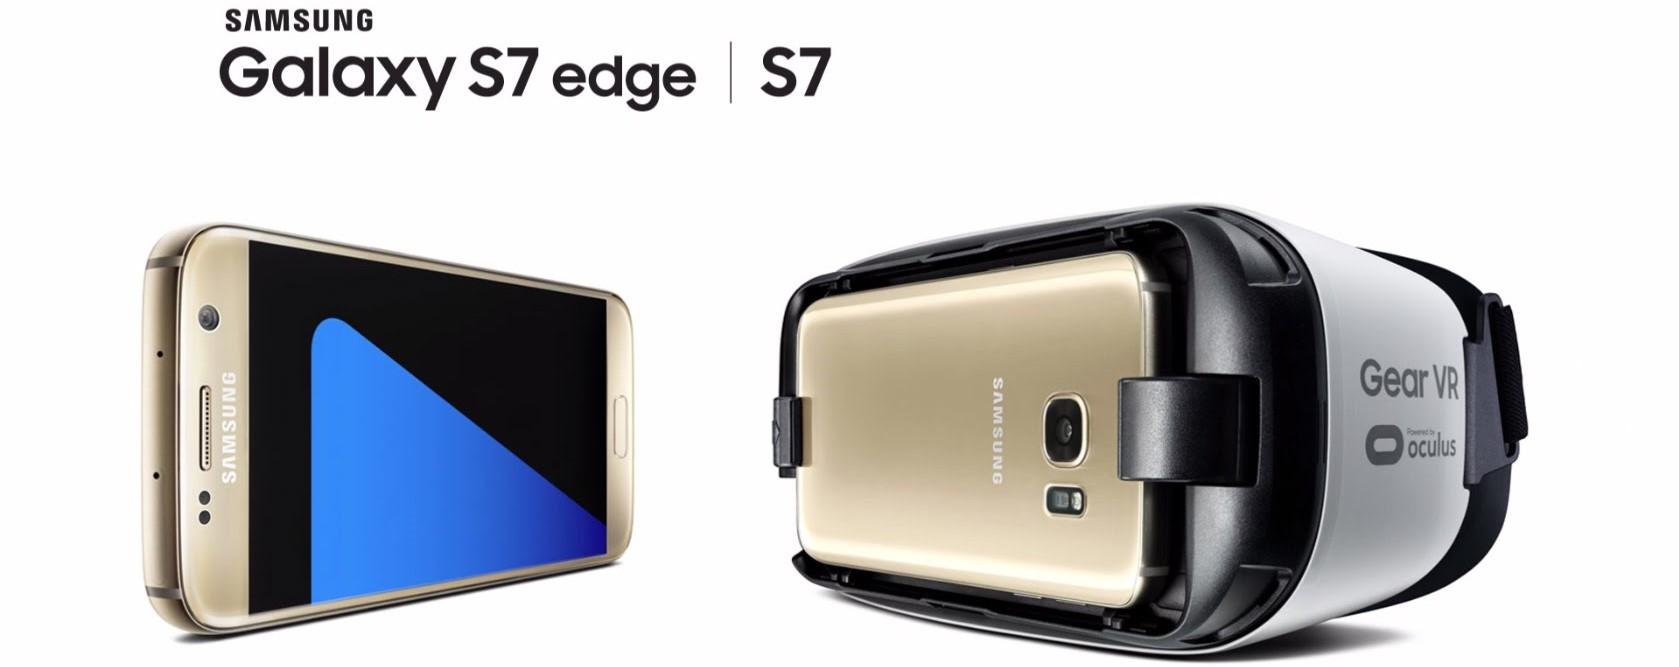 Samsung Galxy S7 en S7 Edge met Gear VR powered by Oculus